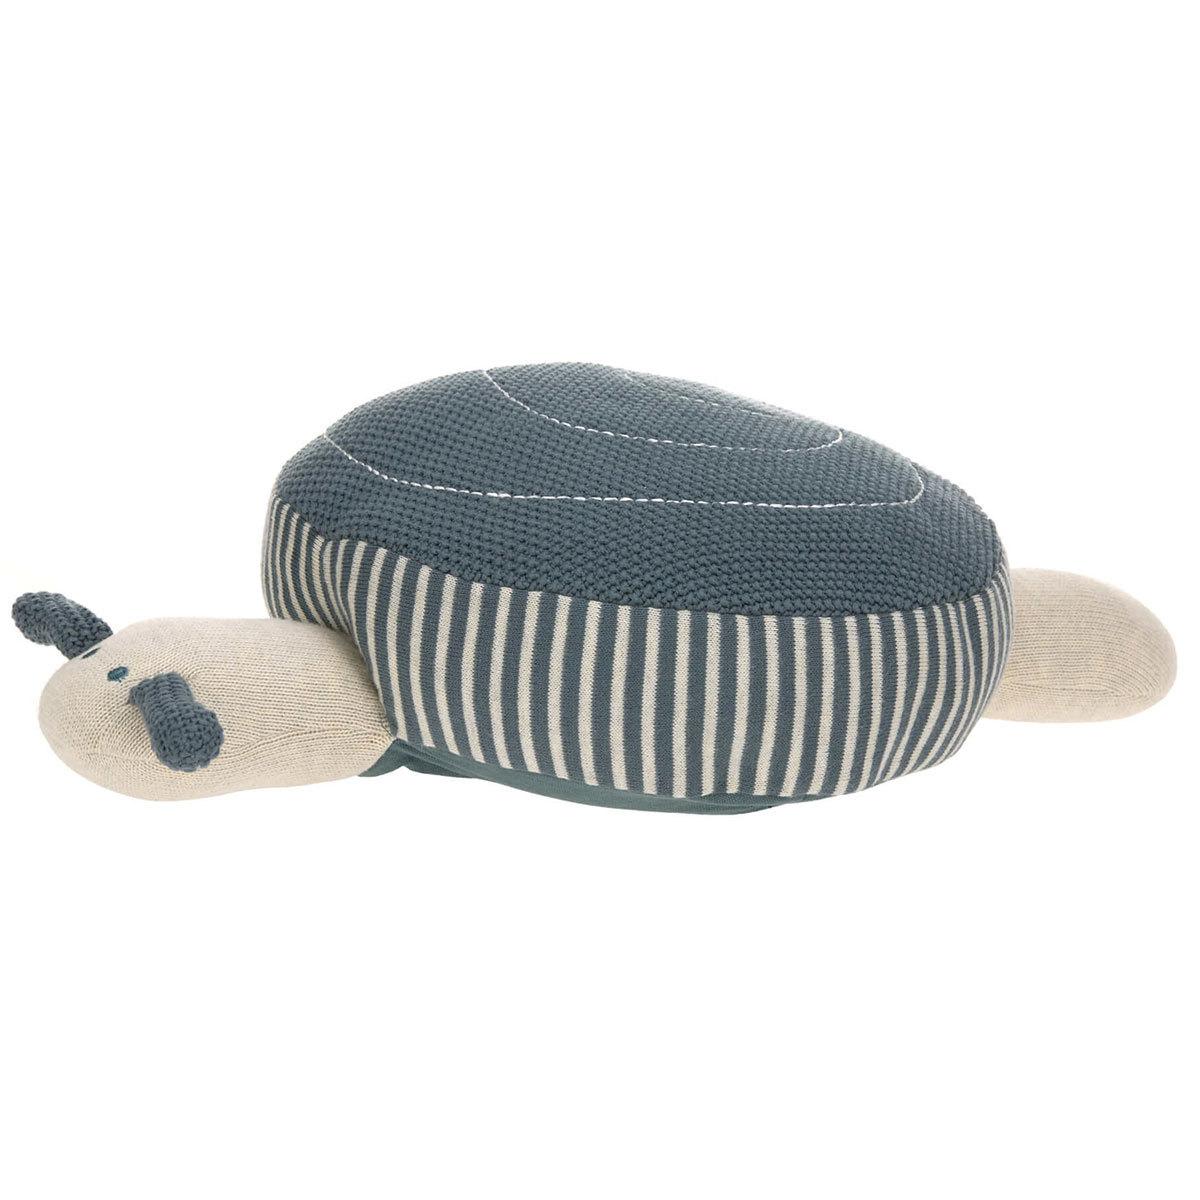 Table & Chaise Garden Explorer - Pouf Tricoté Escargot - Taille S Garden Explorer - Pouf Tricoté Escargot - Taille S